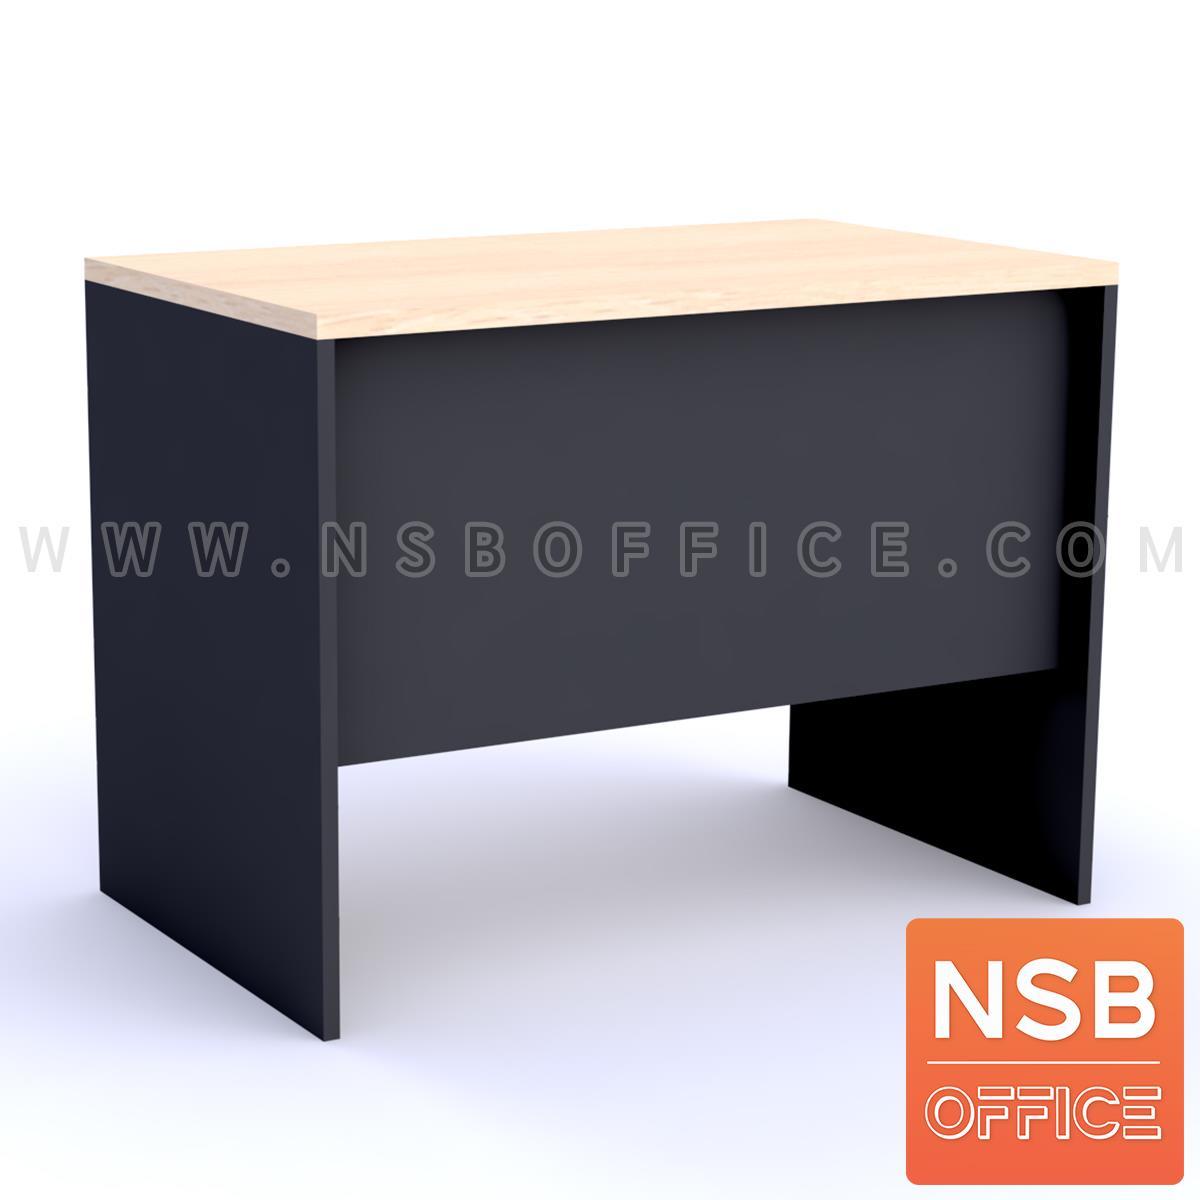 โต๊ะคอมพิวเตอร์  รุ่น Sparks (สปากส์) ขนาด 80W ,100W cm.  เมลามีน